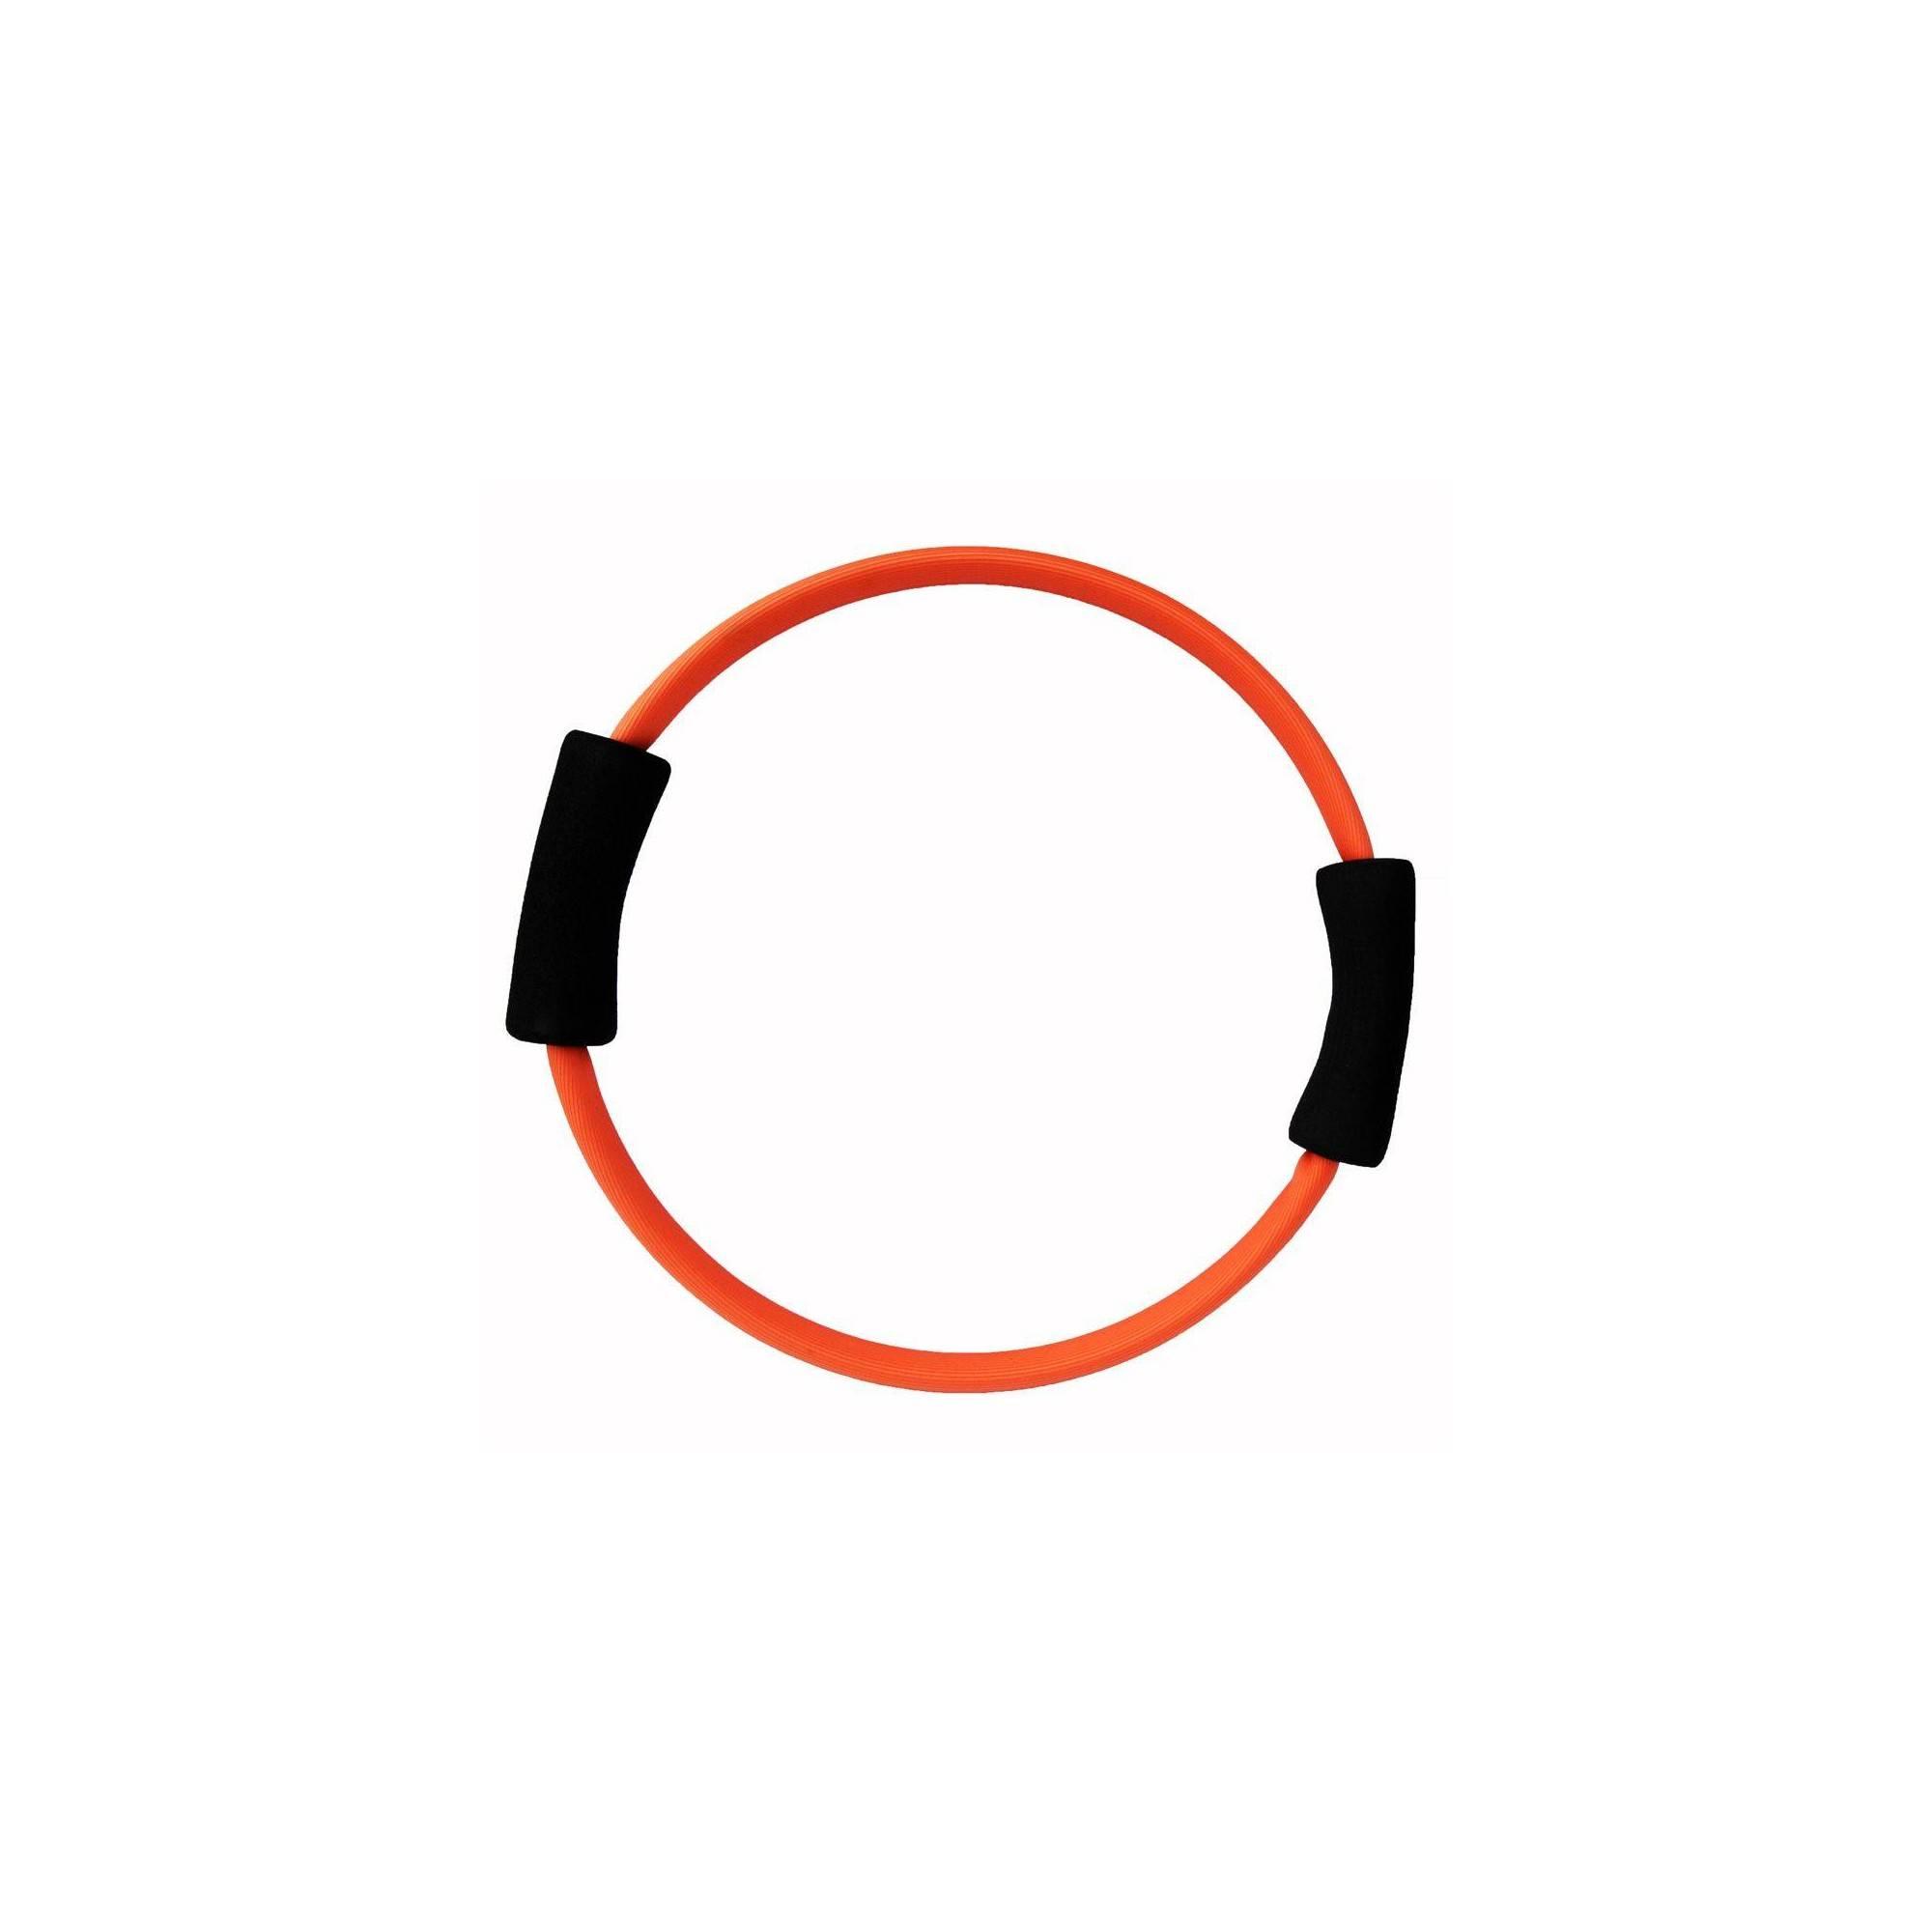 Ekspander gumowy 38 cm INSPORTLINE HP3360 koło fitness pierścień,producent: INSPORTLINE, photo: 1